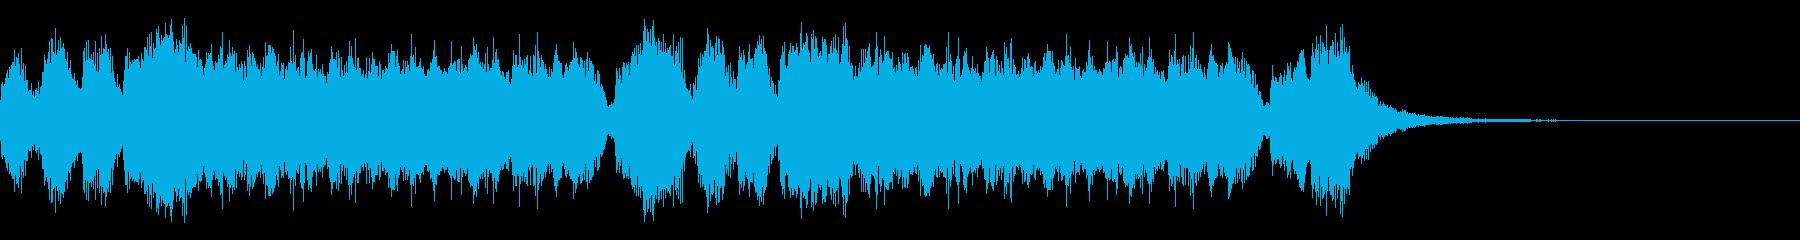 中世風おしゃれなジングルの再生済みの波形